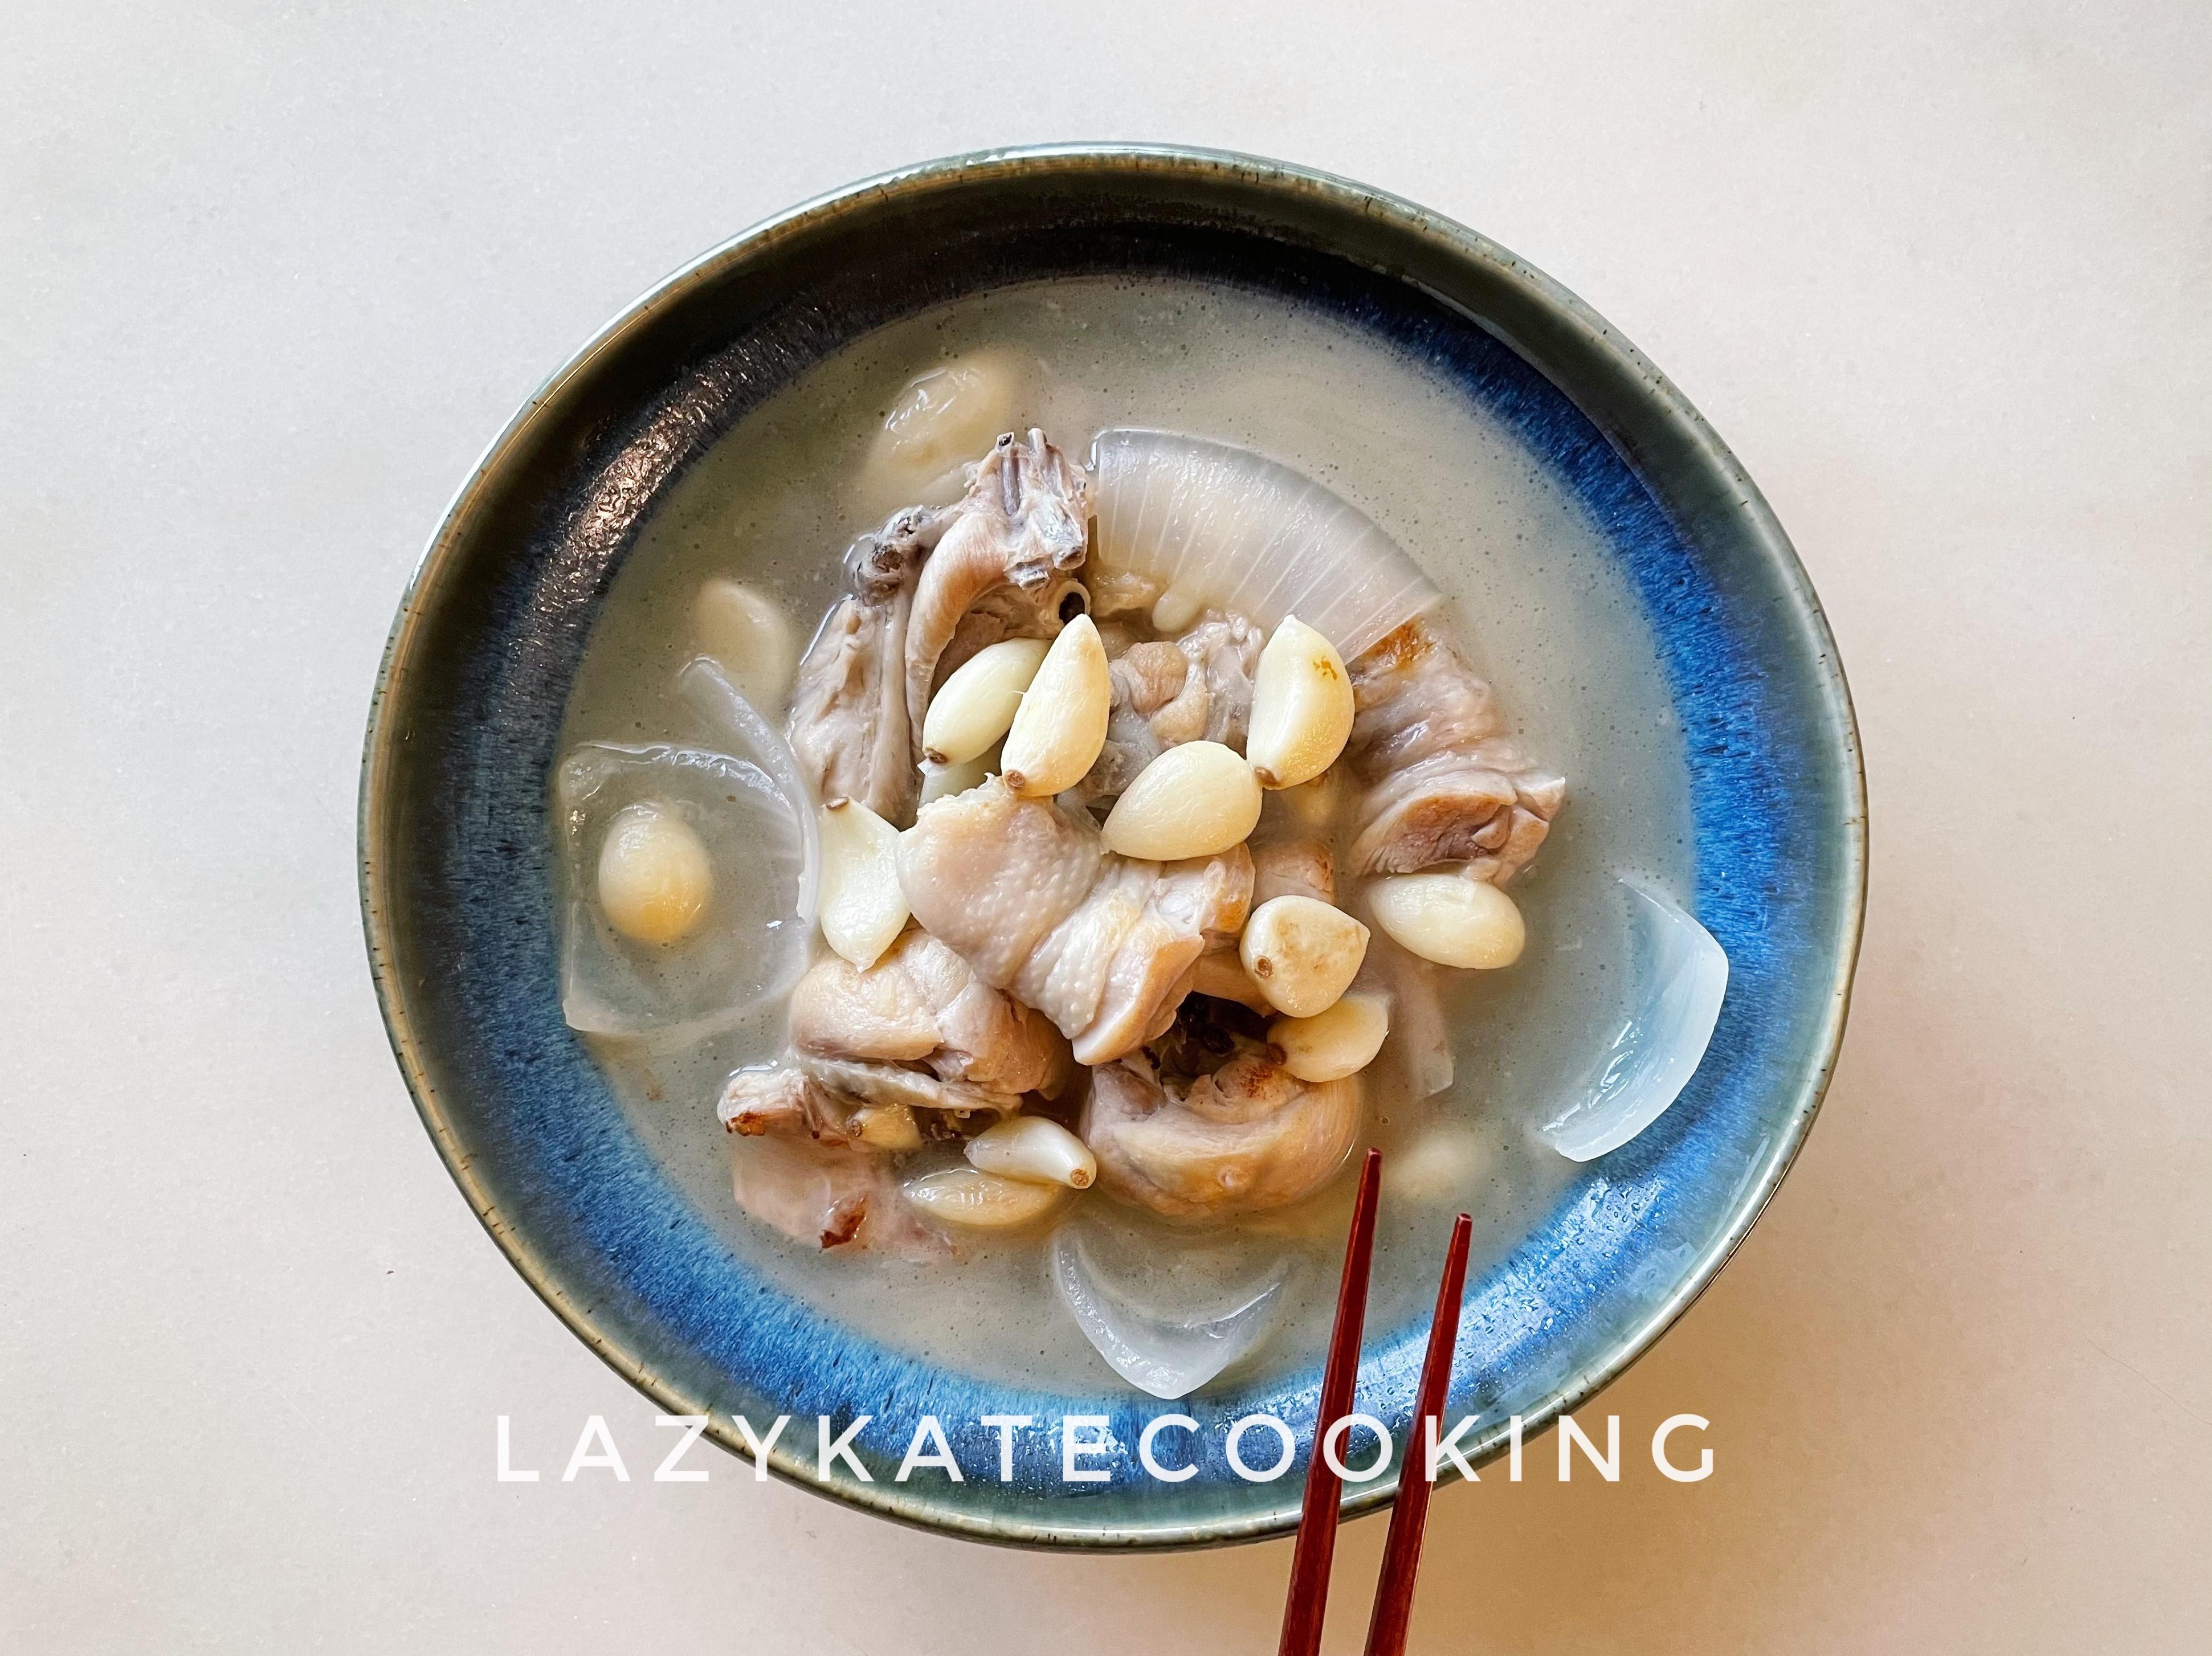 吃出抵抗力 濃郁系洋蔥蒜頭雞白湯